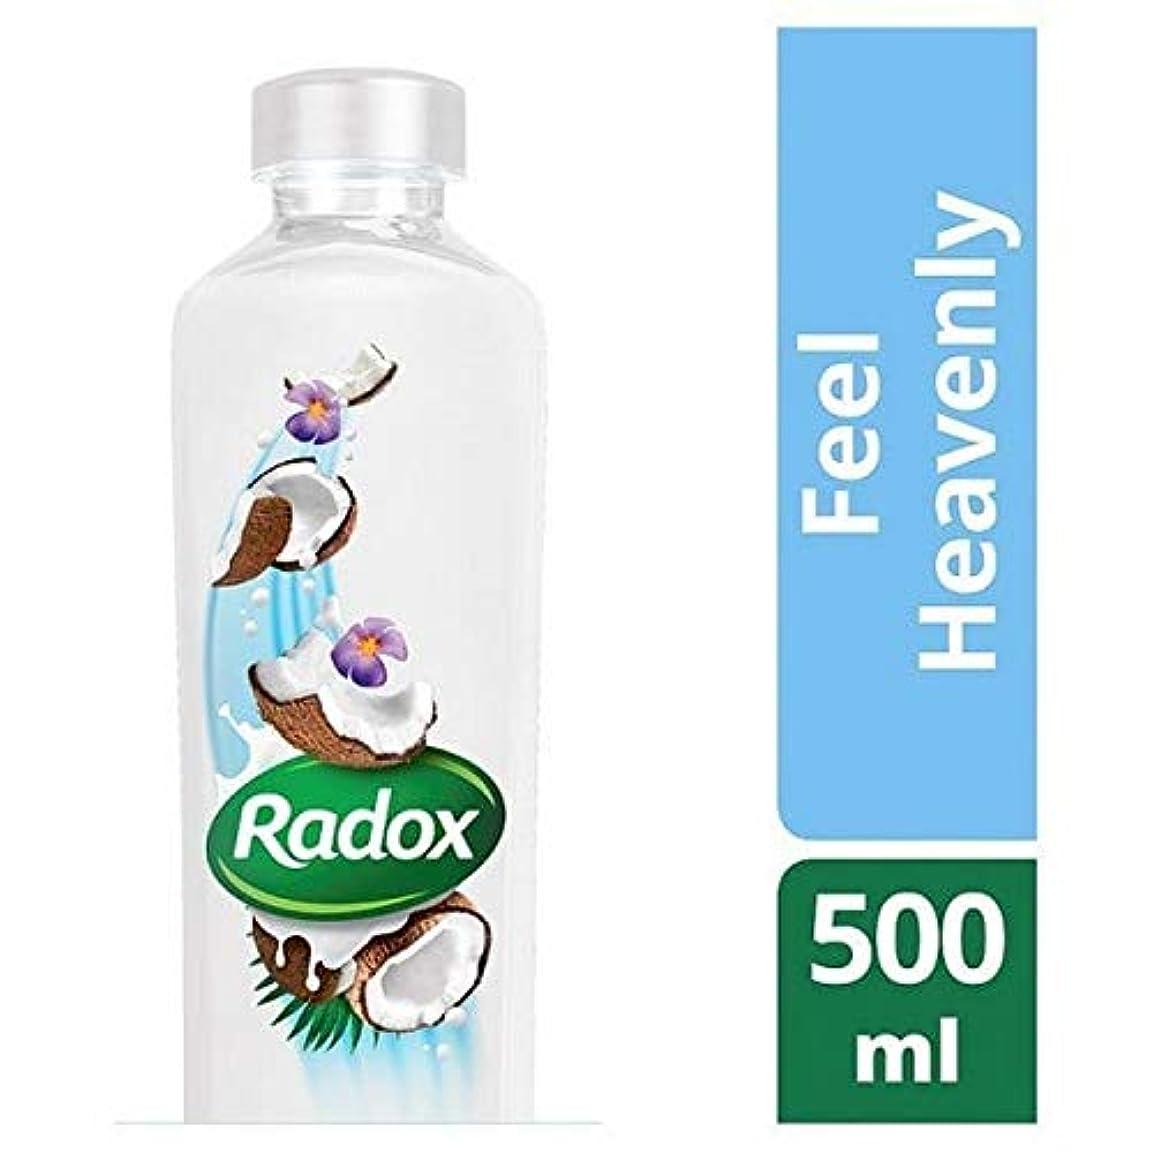 物理的に倒錯答え[Radox] Radoxは天国の500ミリリットルを感じます - Radox Feel Heavenly 500ml [並行輸入品]